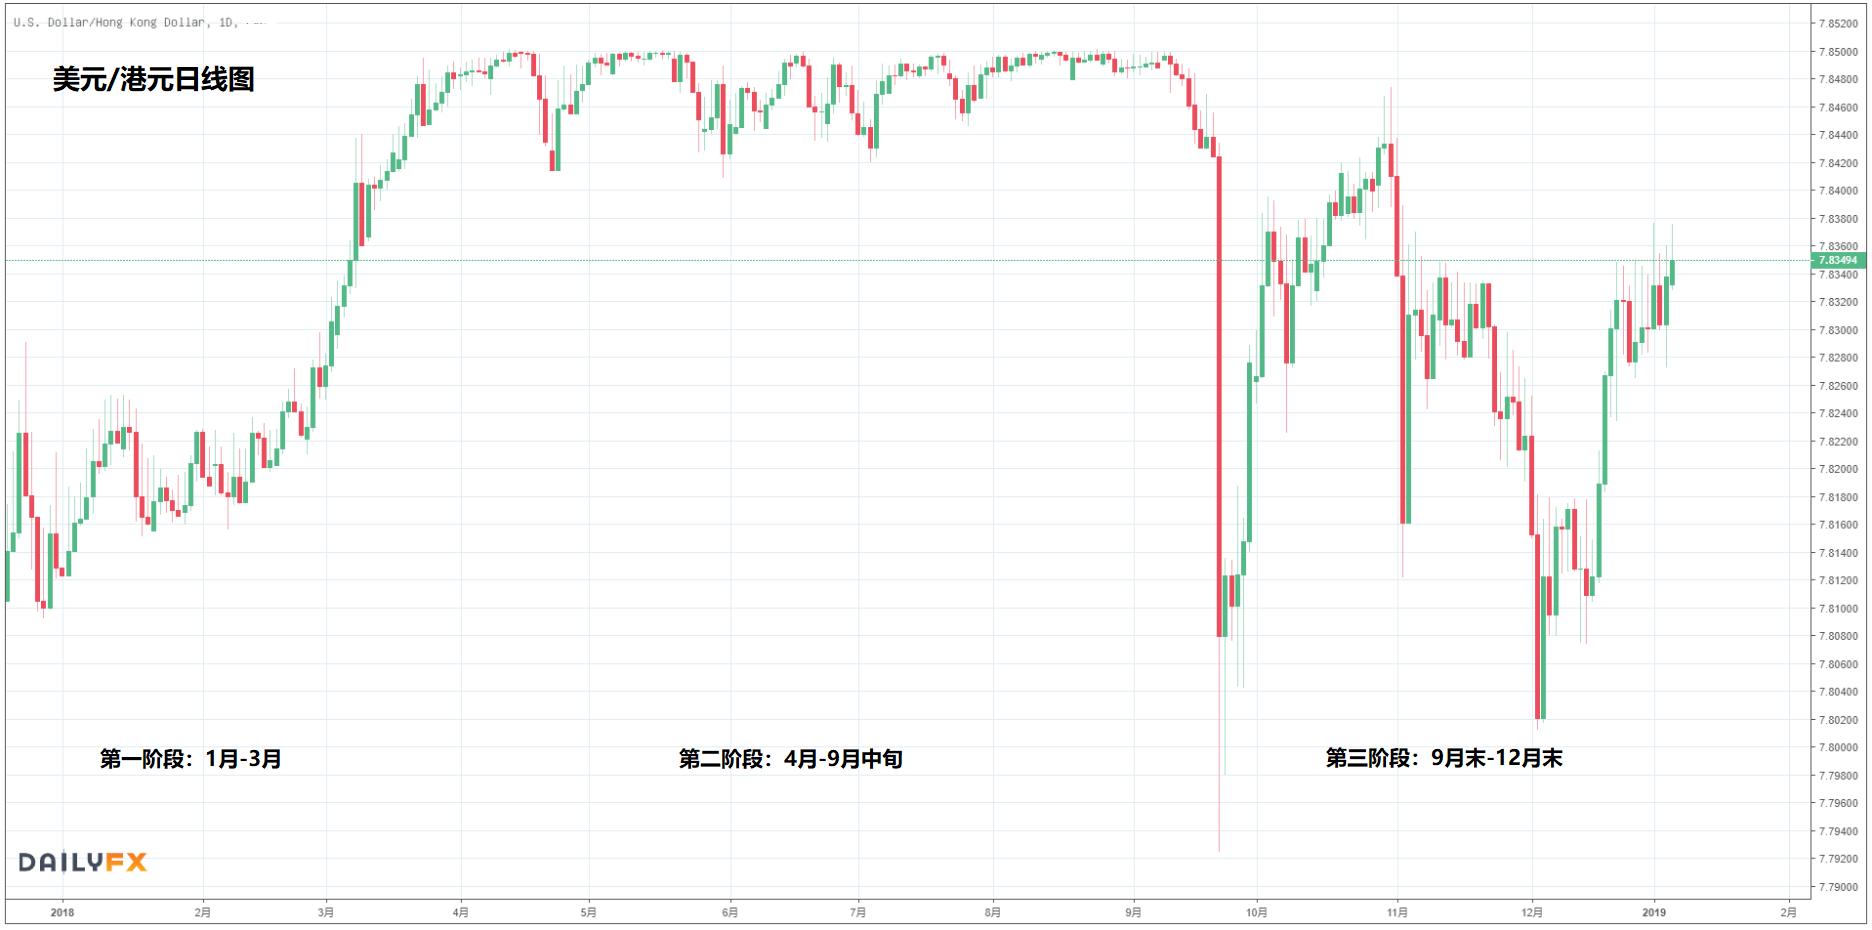 2018年港元汇率走势分析及2019年美元兑港元交易建议